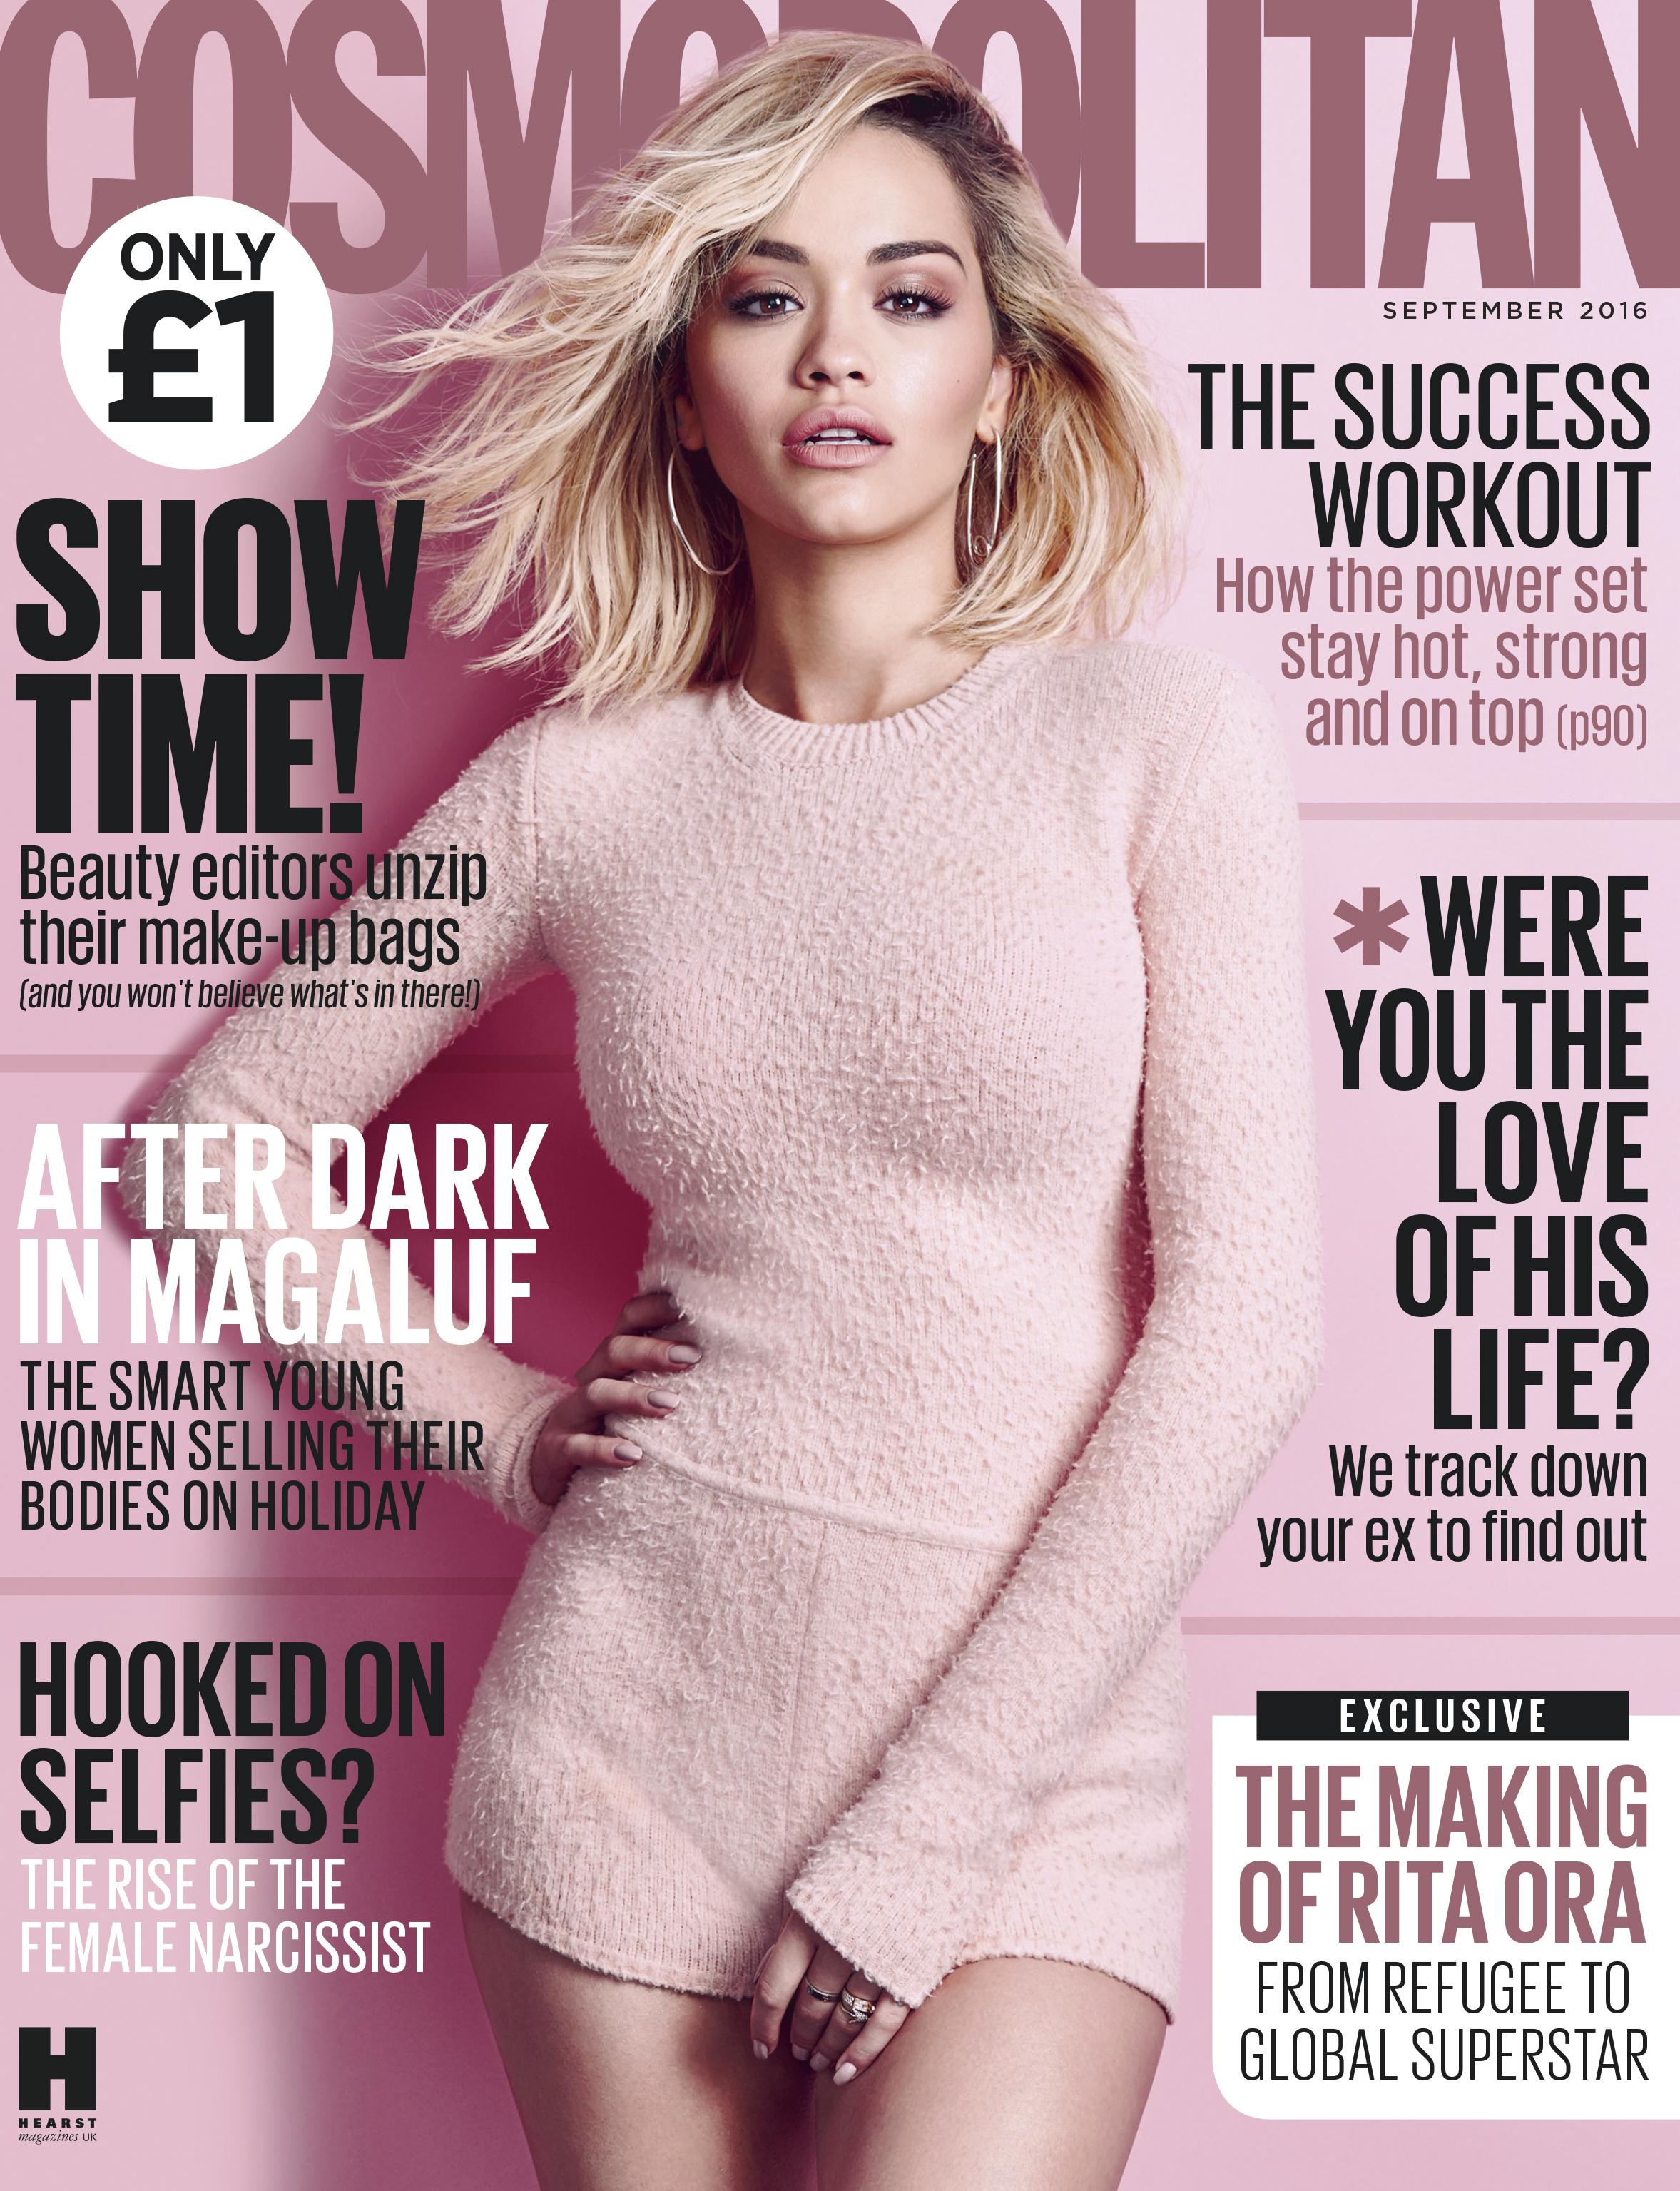 Rita Ora Cosmo Cover 2016